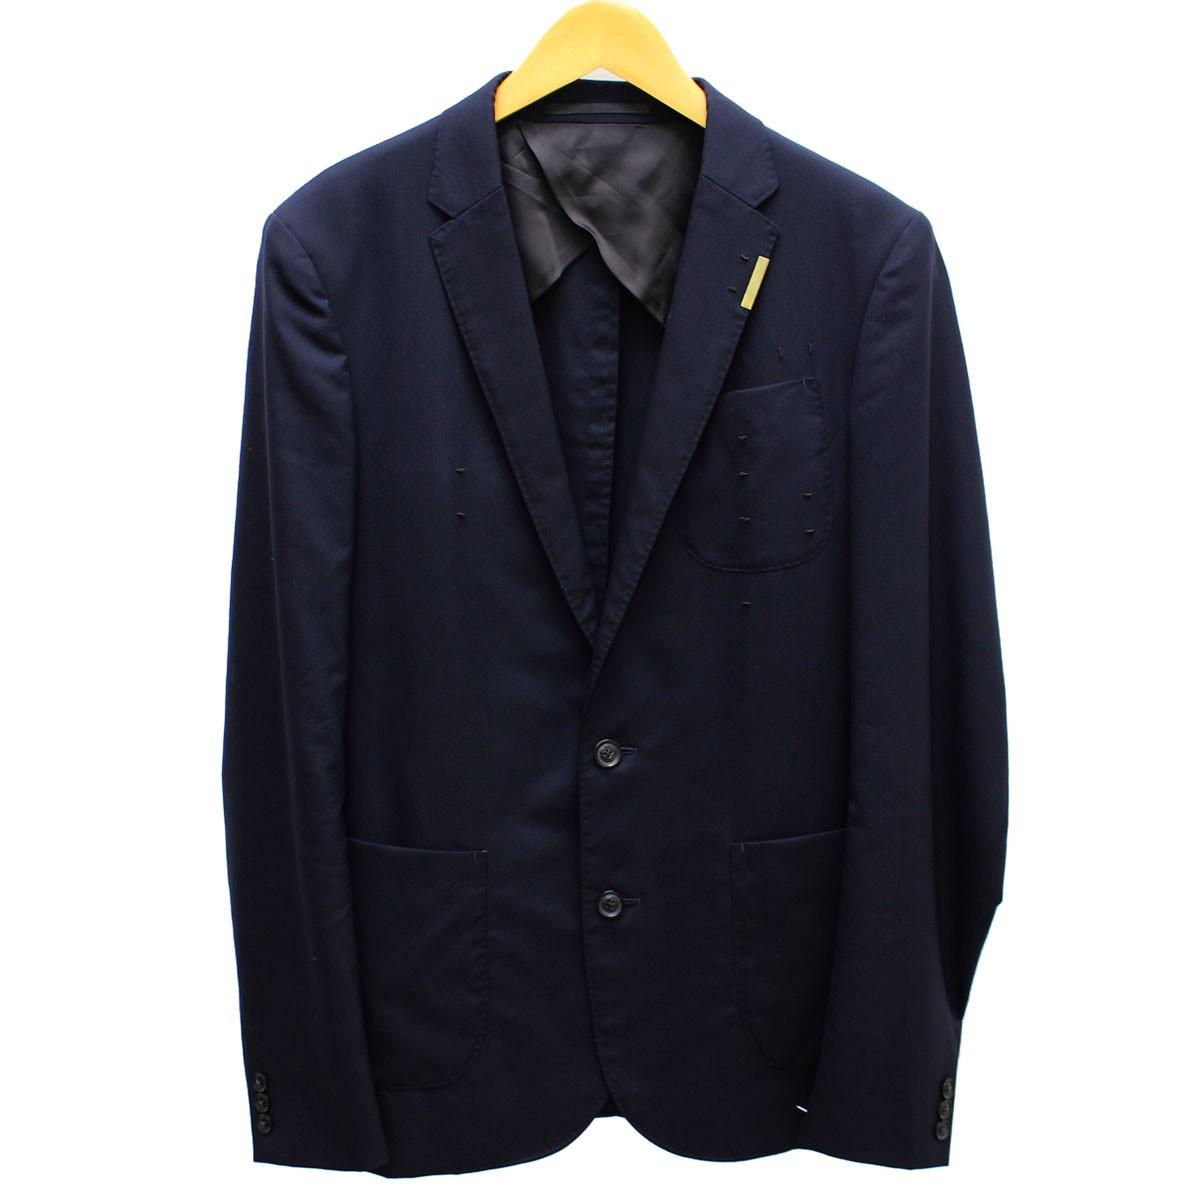 【中古】kolor テーラードジャケット 2016SS 16SCM-J09110 ネイビー サイズ:3(L) 【送料無料】 【230219】(カラー)